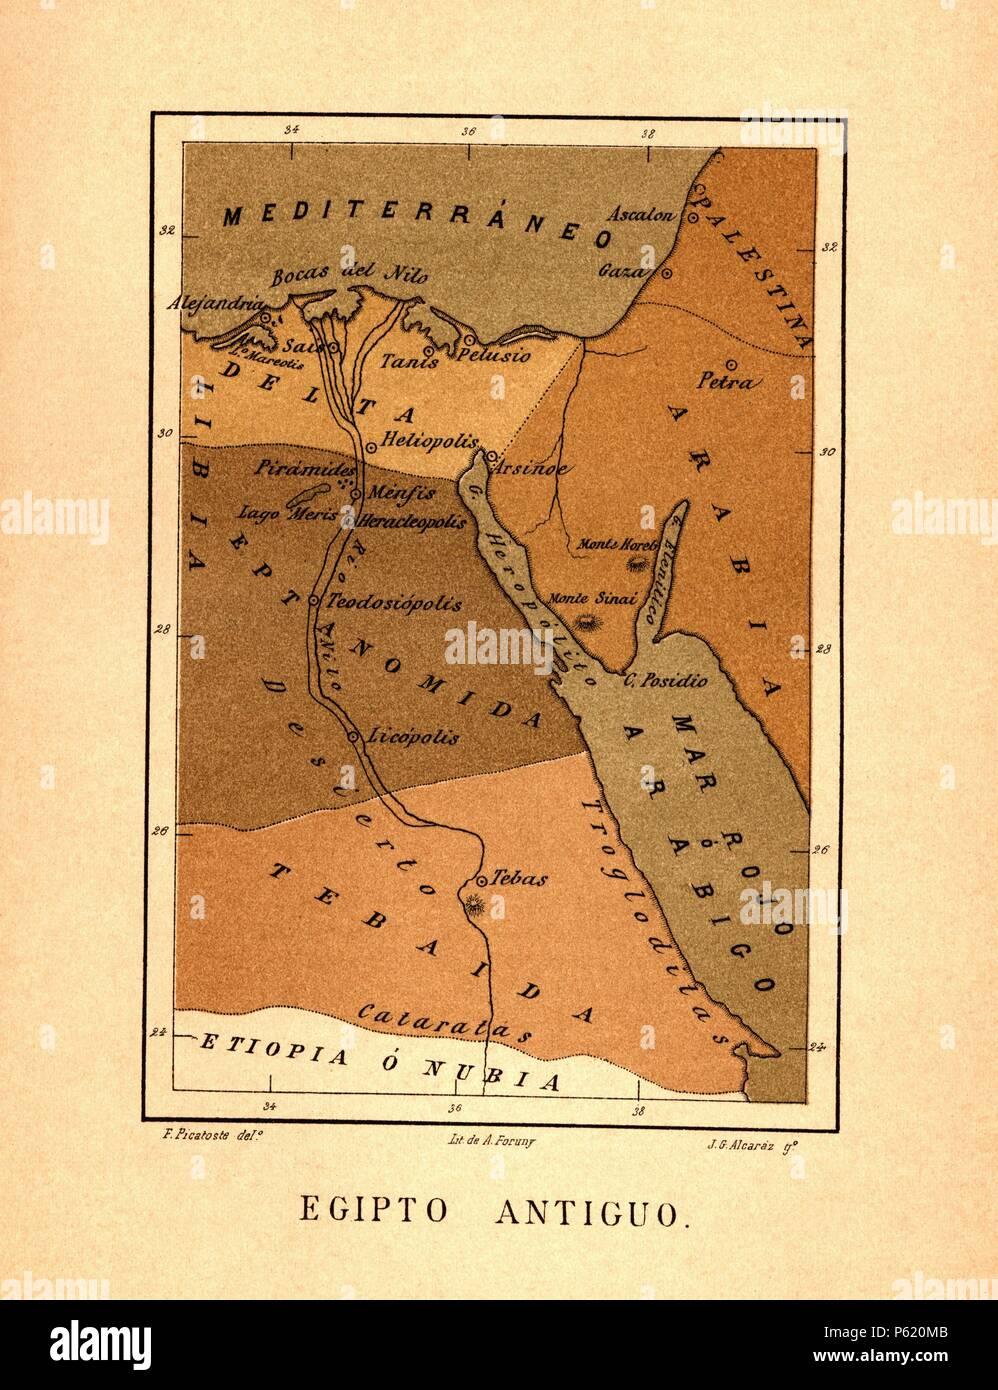 Mapa de Egipto Antiguo publicado en el libro Historia Universal, de Felipe Picatoste. Madrid, 1890. - Stock Image